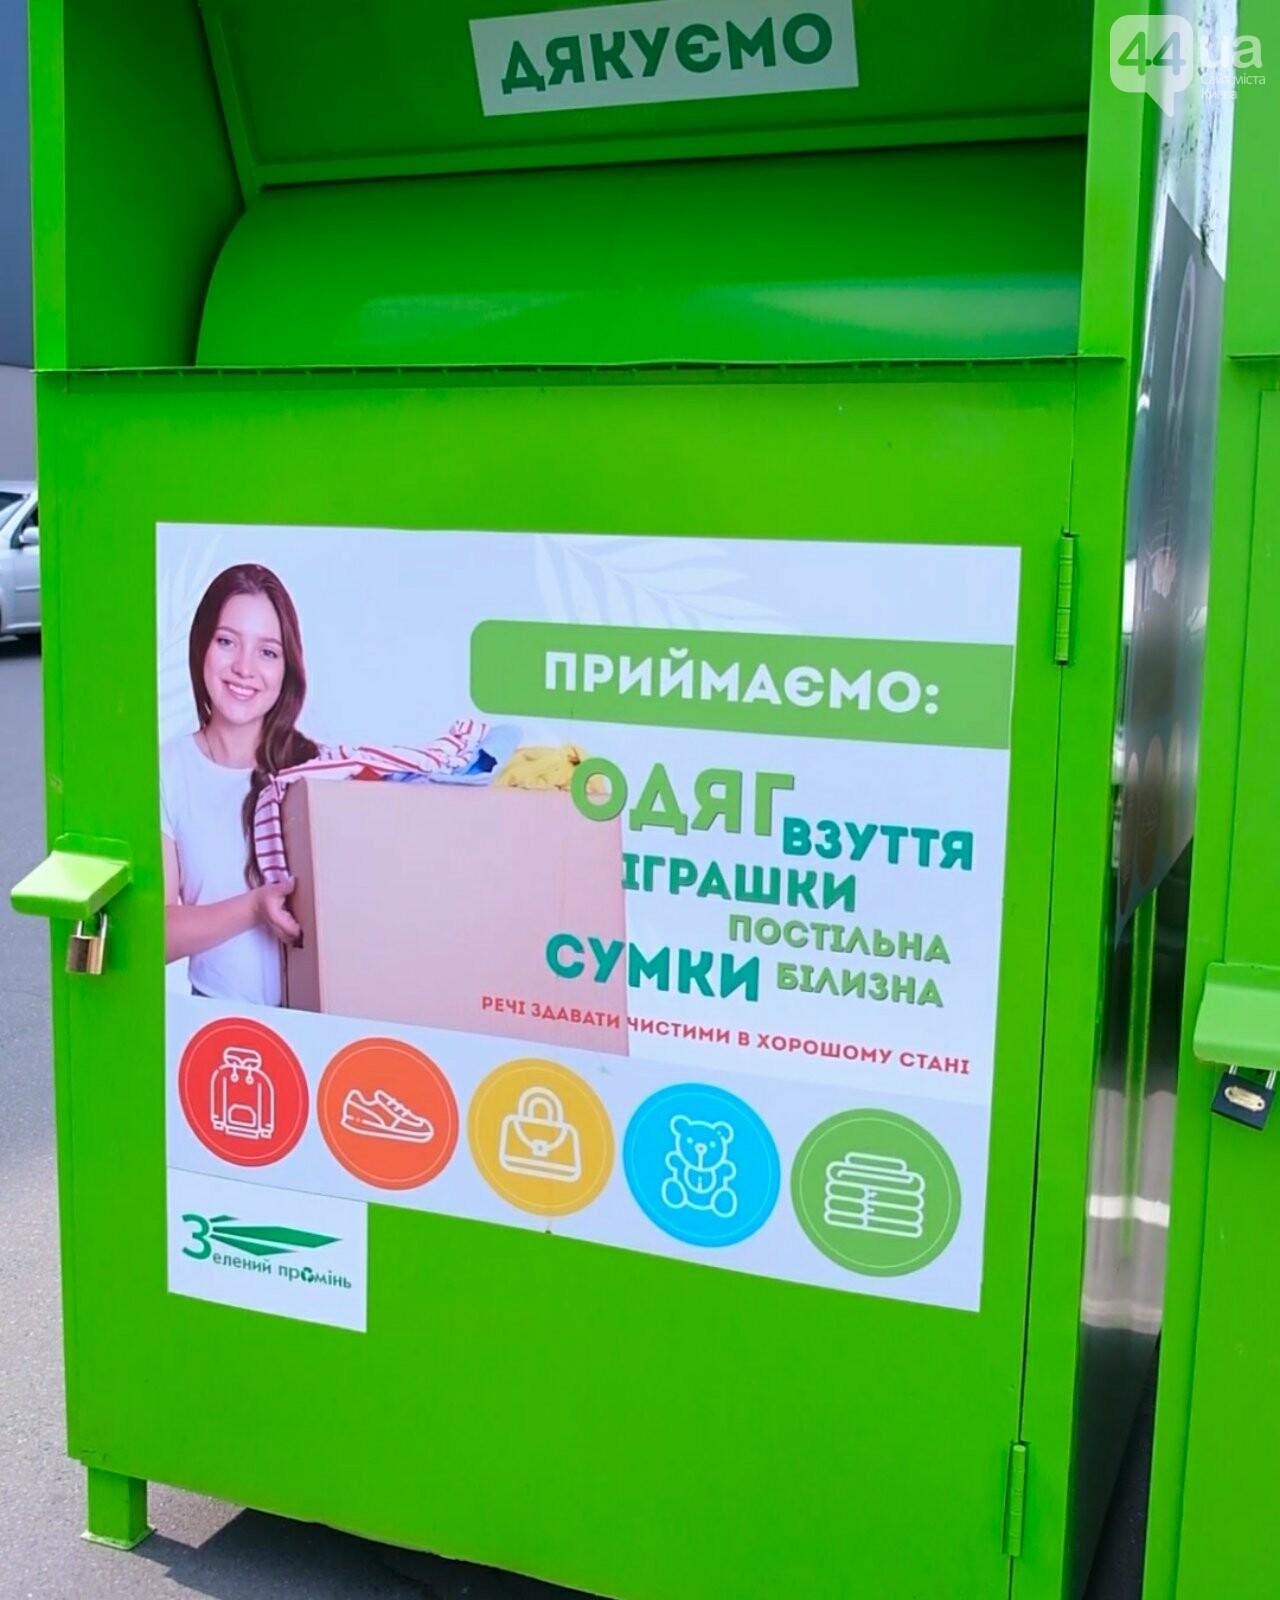 Будь сознательным! На парковке ТРЦ «Караван Outlet» установил контейнеры для приема вещей, фото-2